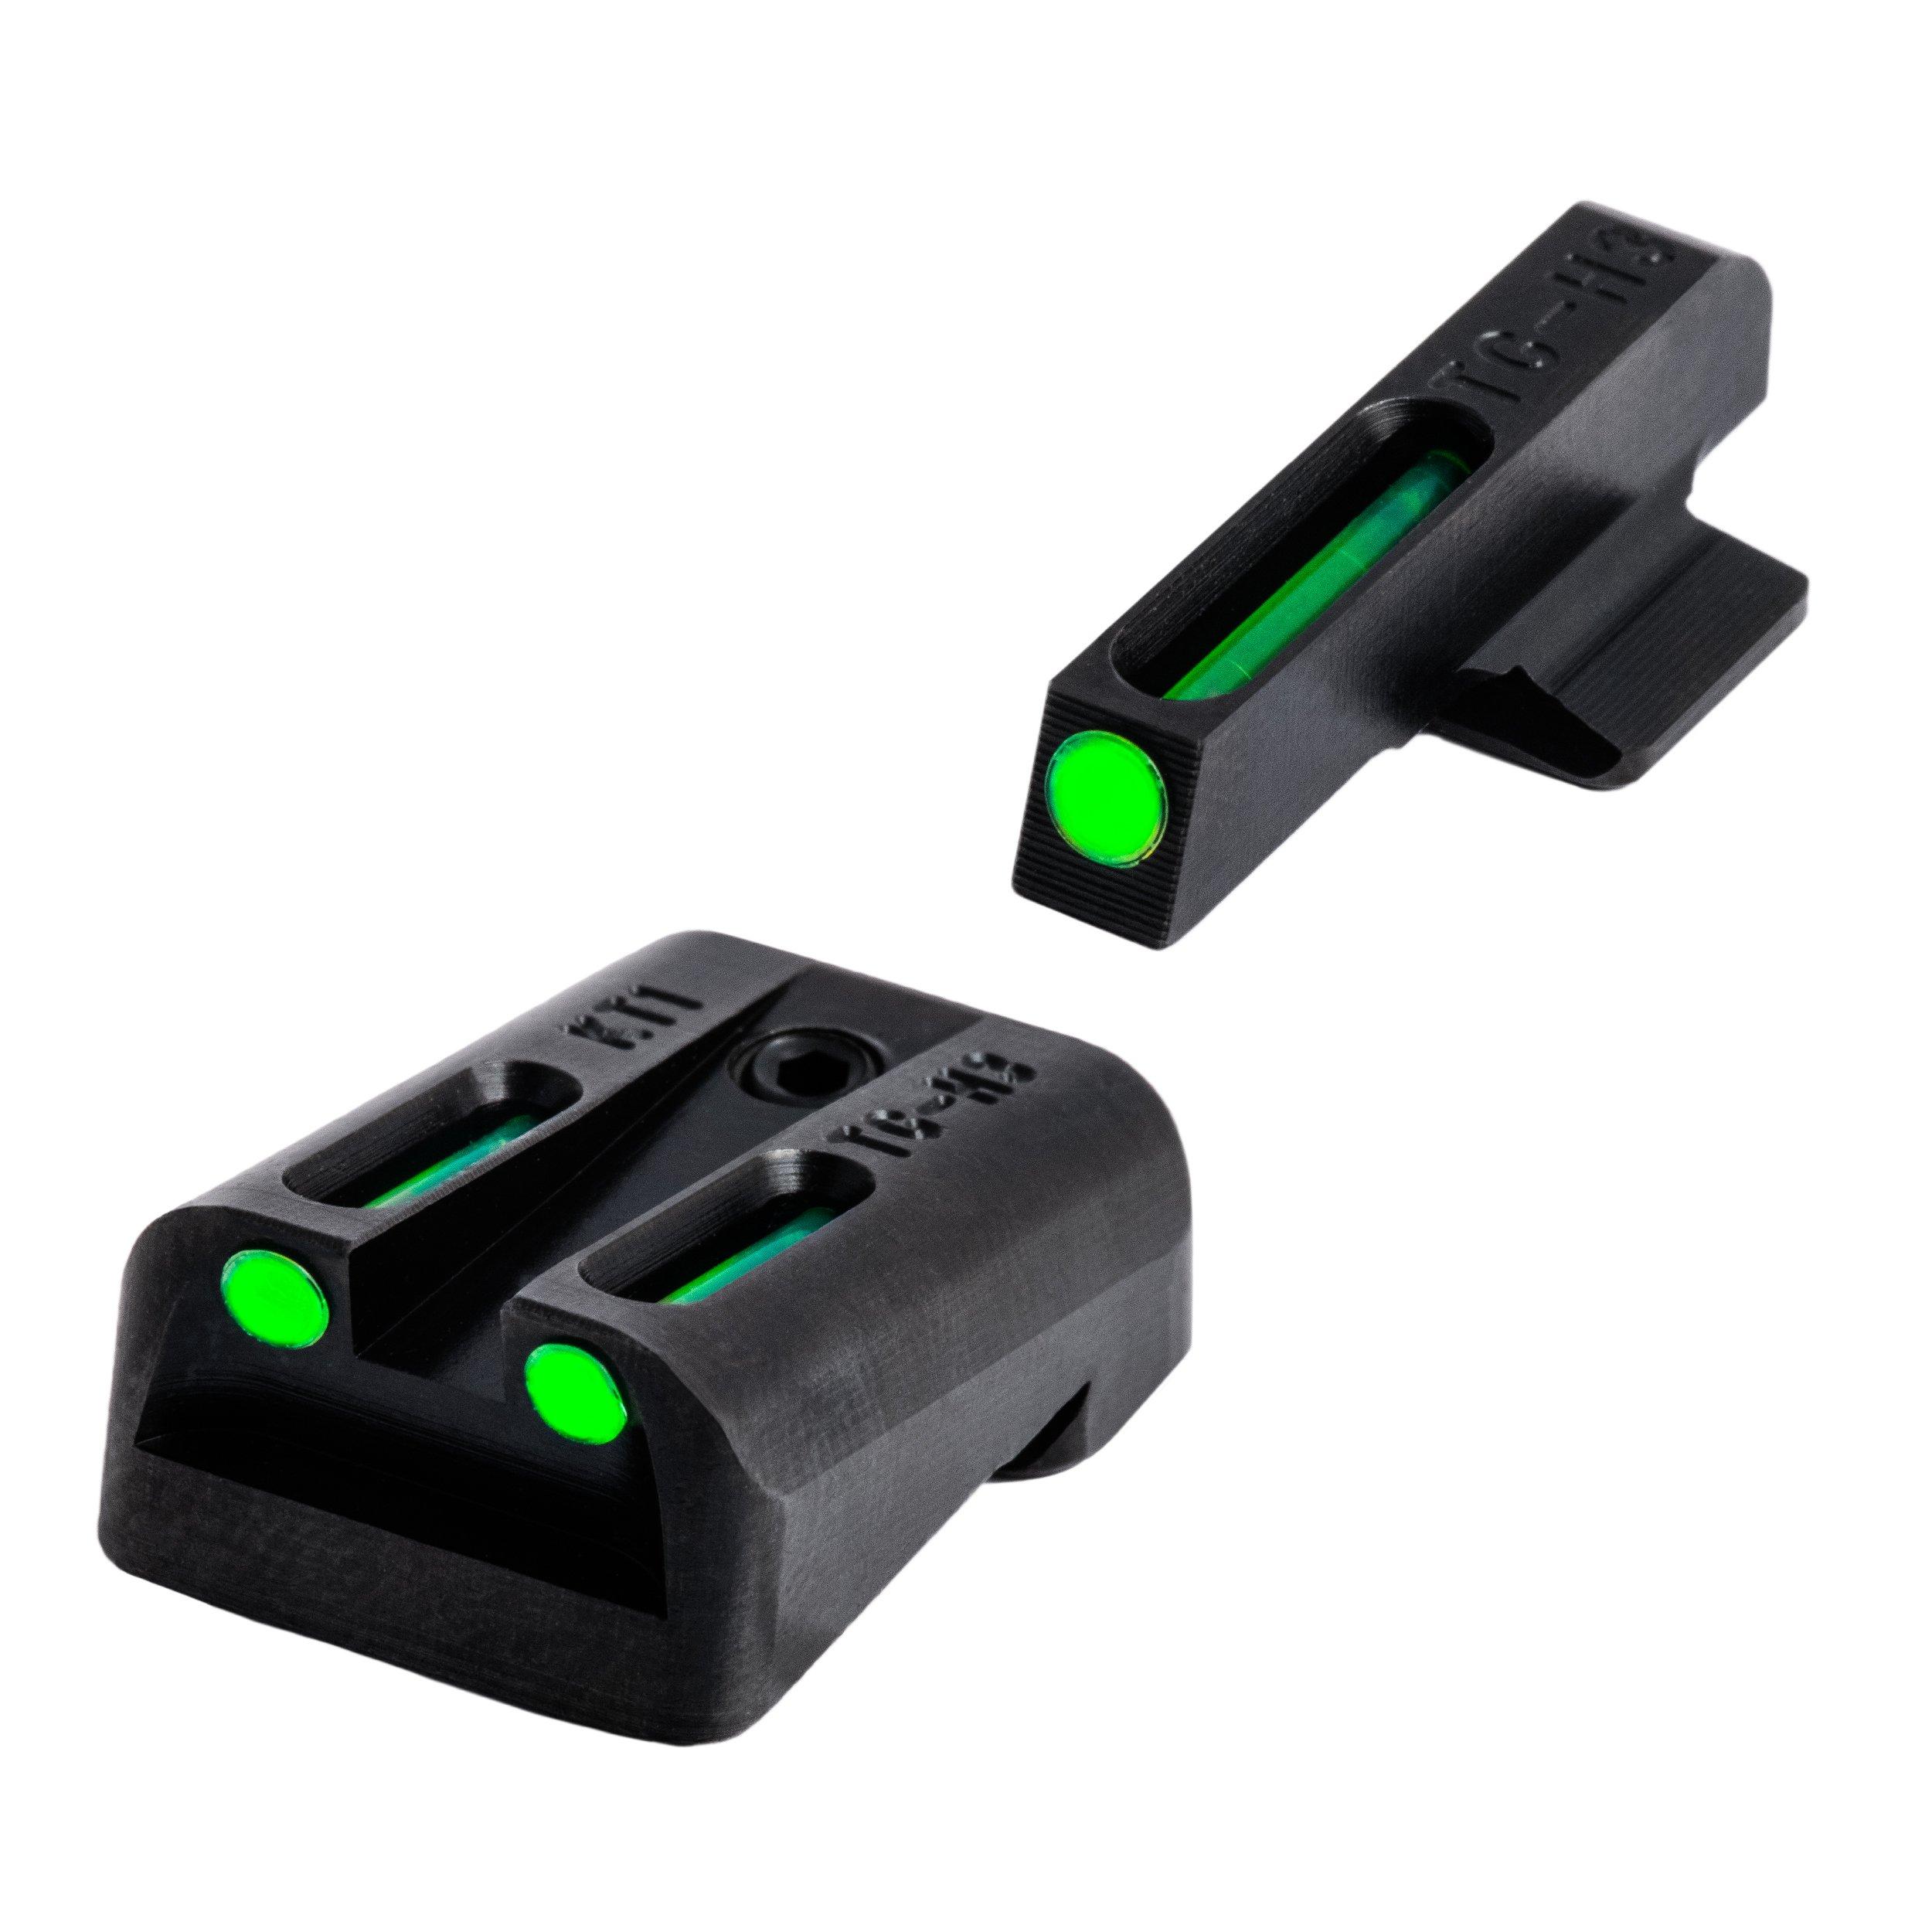 TRUGLO TFO Handgun Sight Set - Kimber by TRUGLO